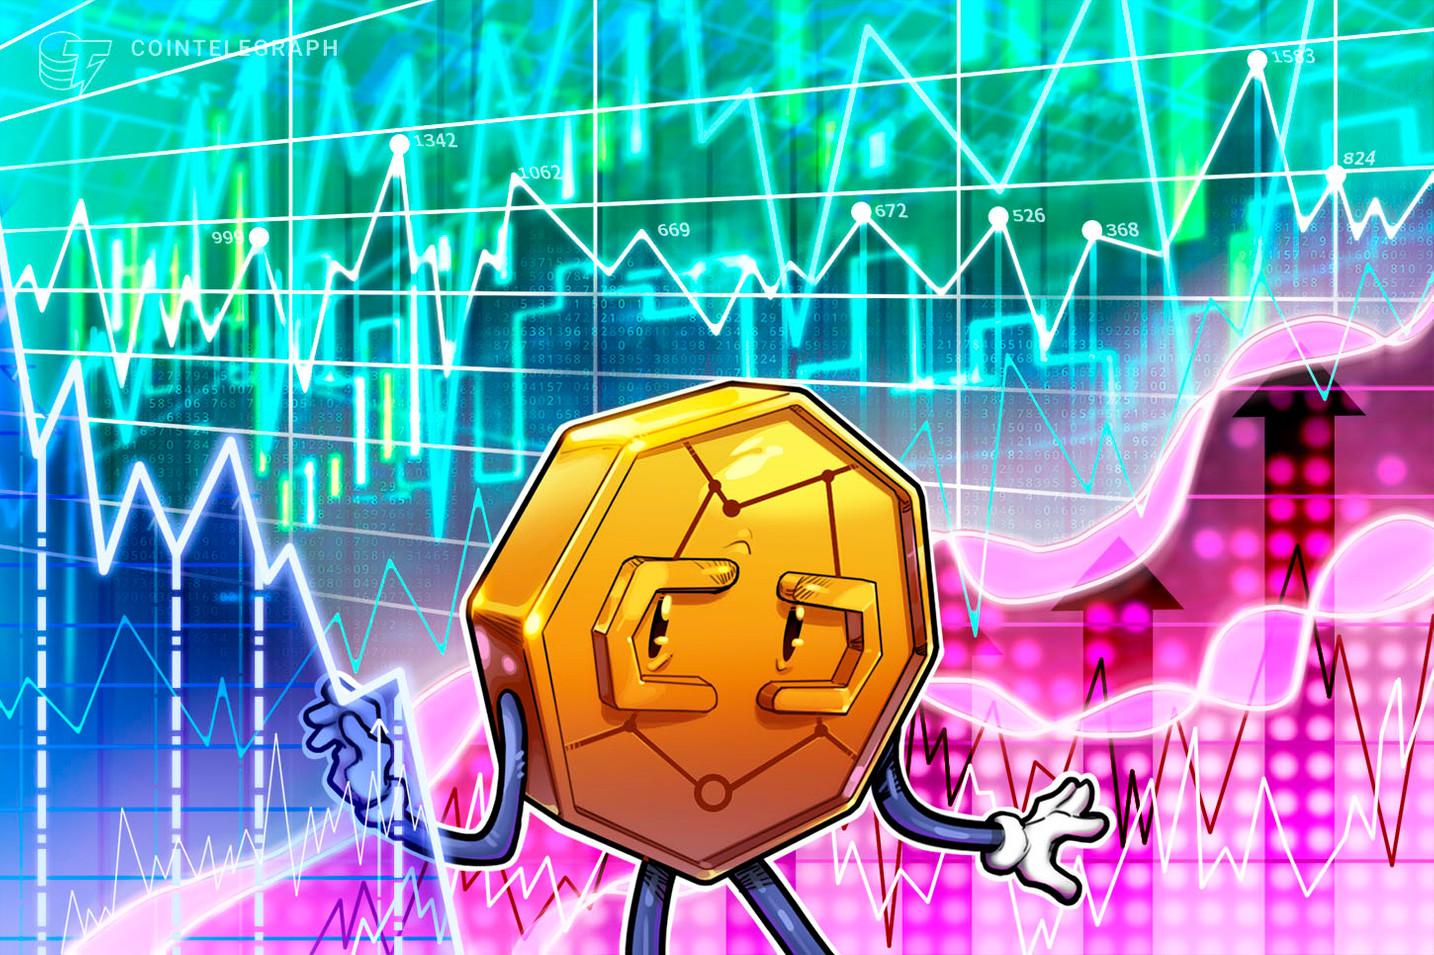 Bitcoin gira em torno de US$ 10.300 e principais altcoins têm movimentos mistos